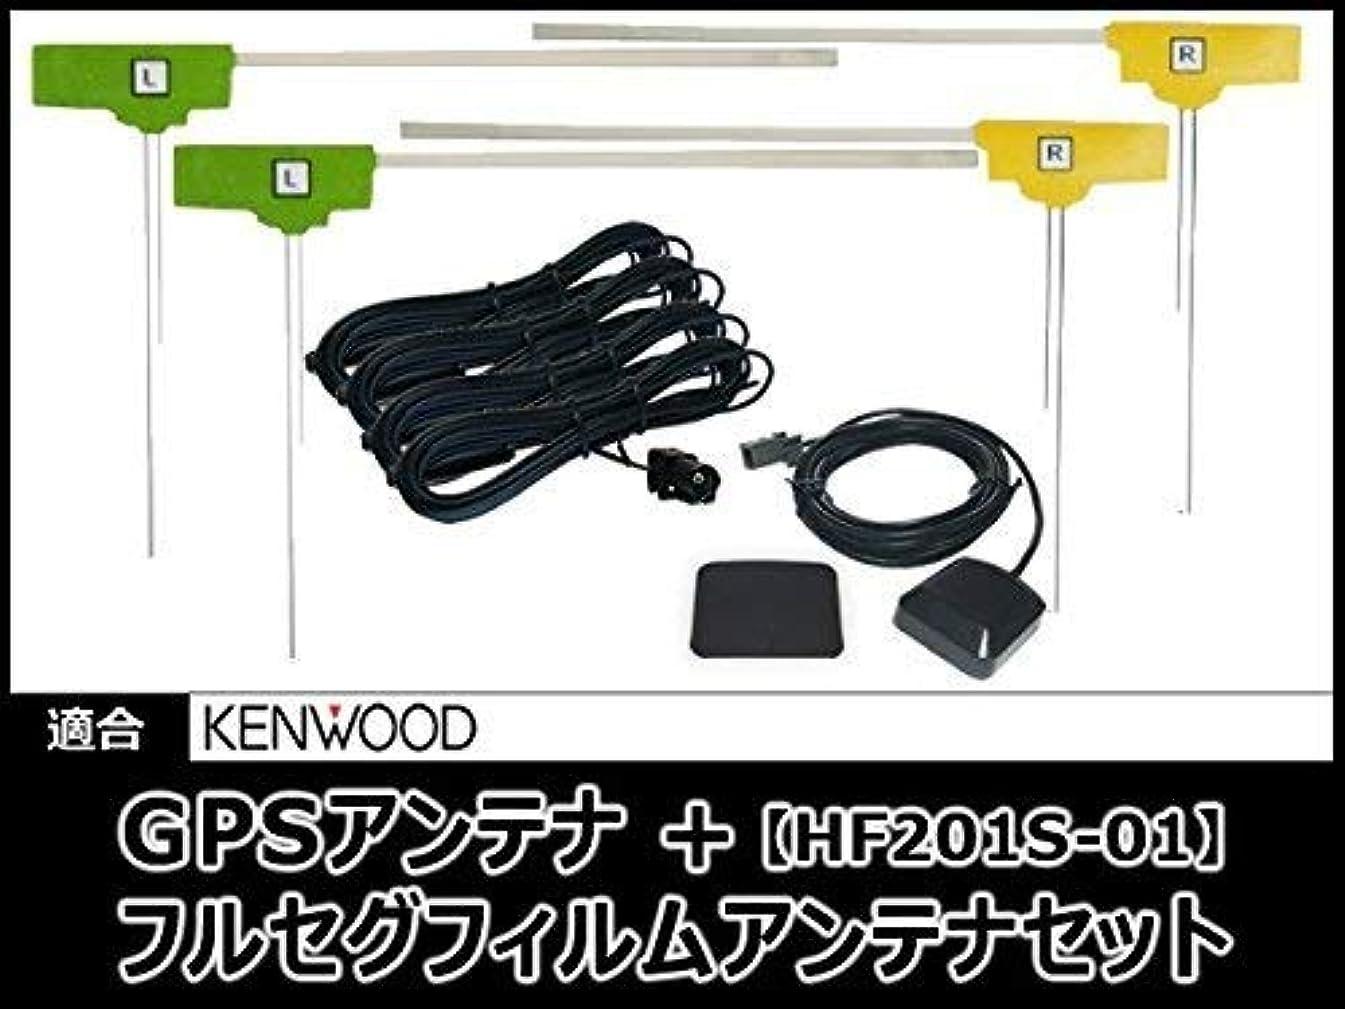 チャーミング分析的機関MDV-L500 対応 GPSアンテナ + 地デジ/フルセグ フィルム アンテナ HF201S-01 タイプ 【低価格高品質タイプ】